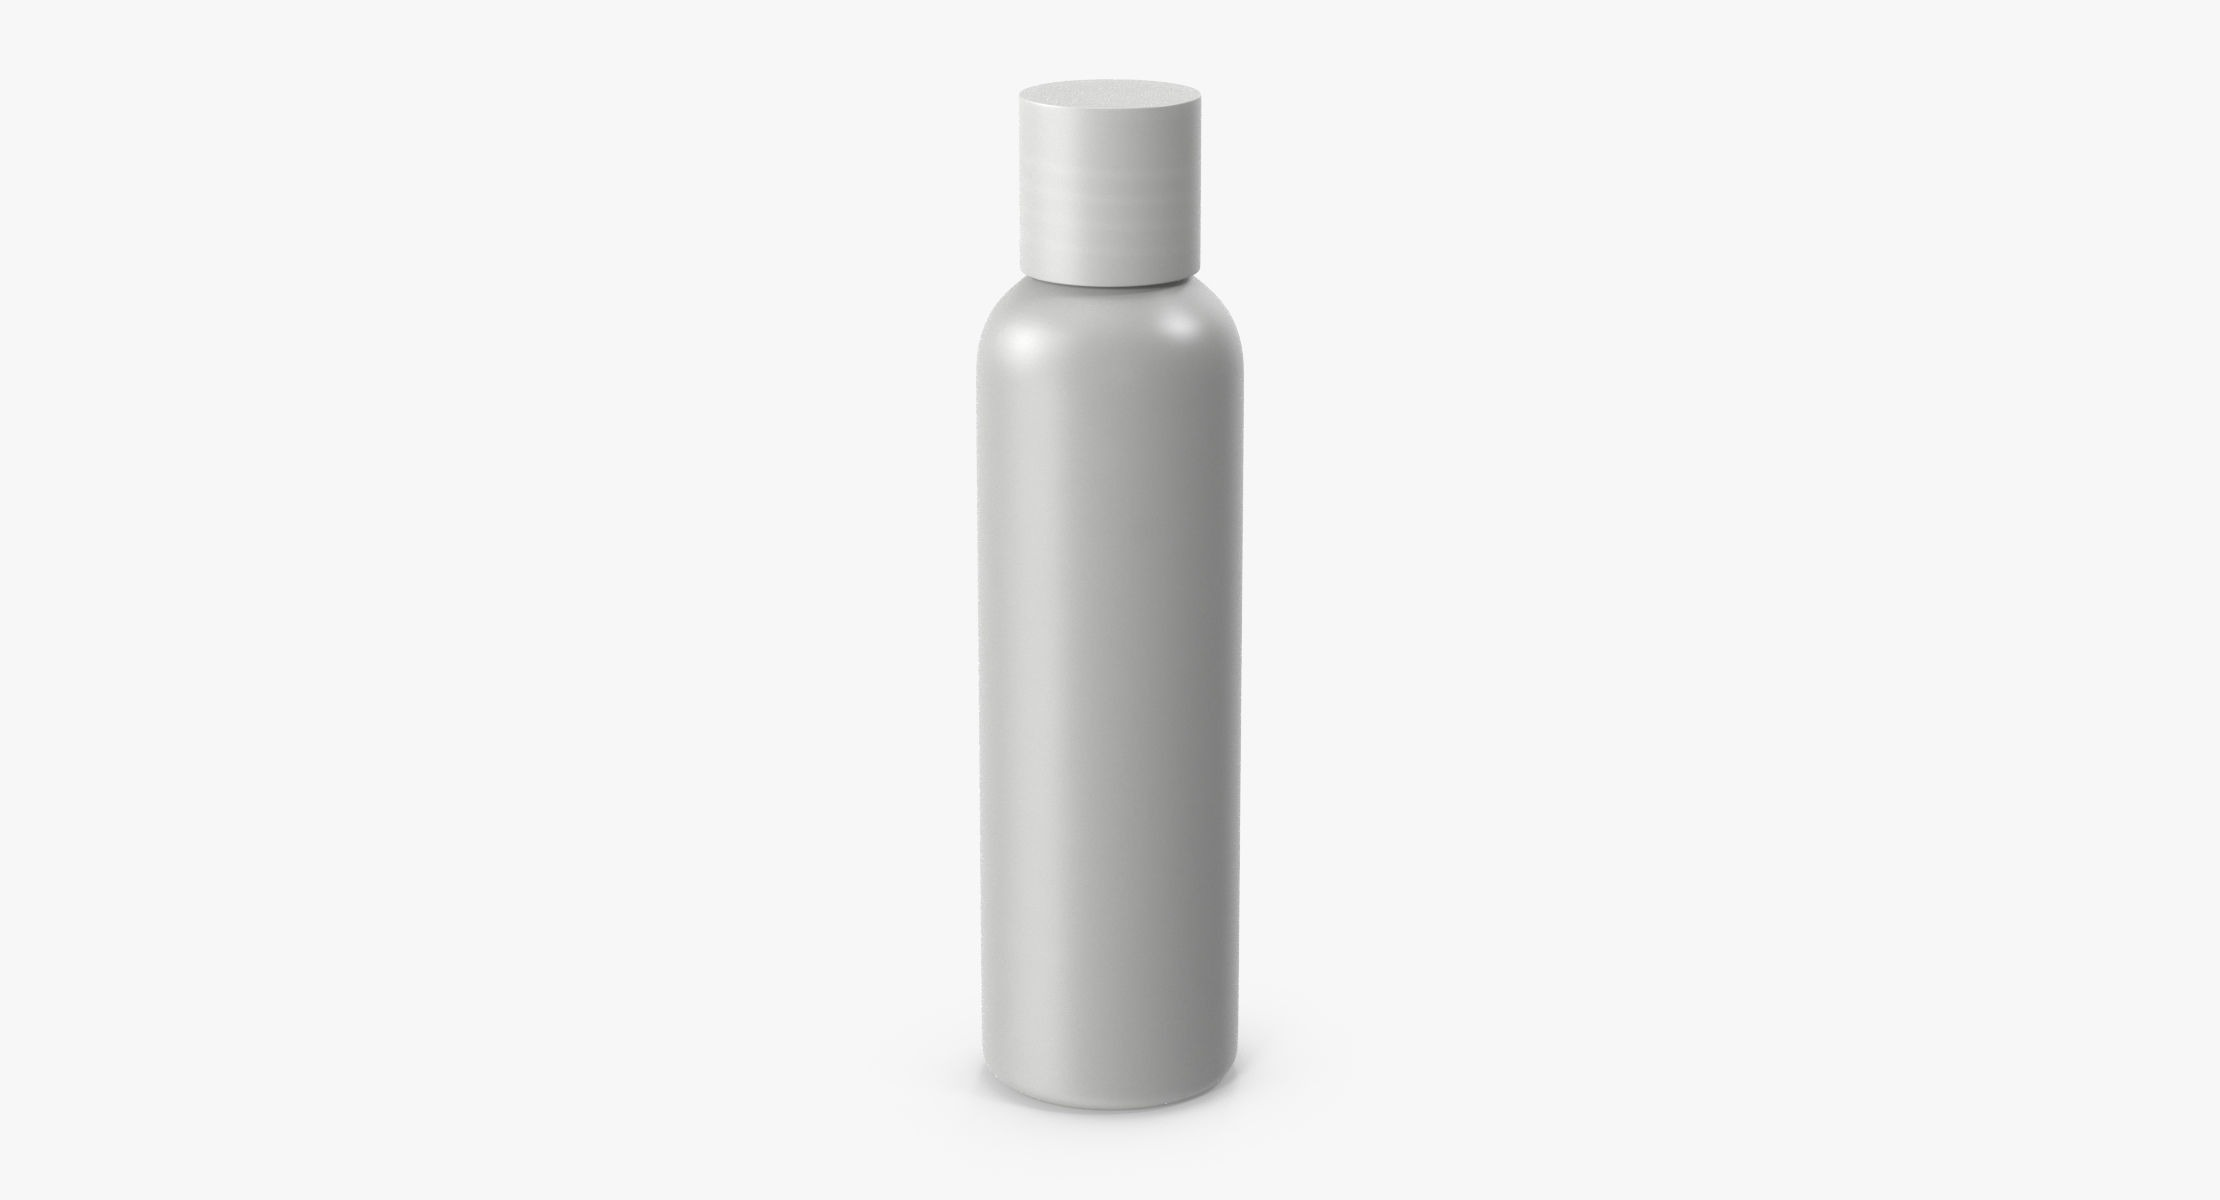 Cosmetic Bottle - reel 1